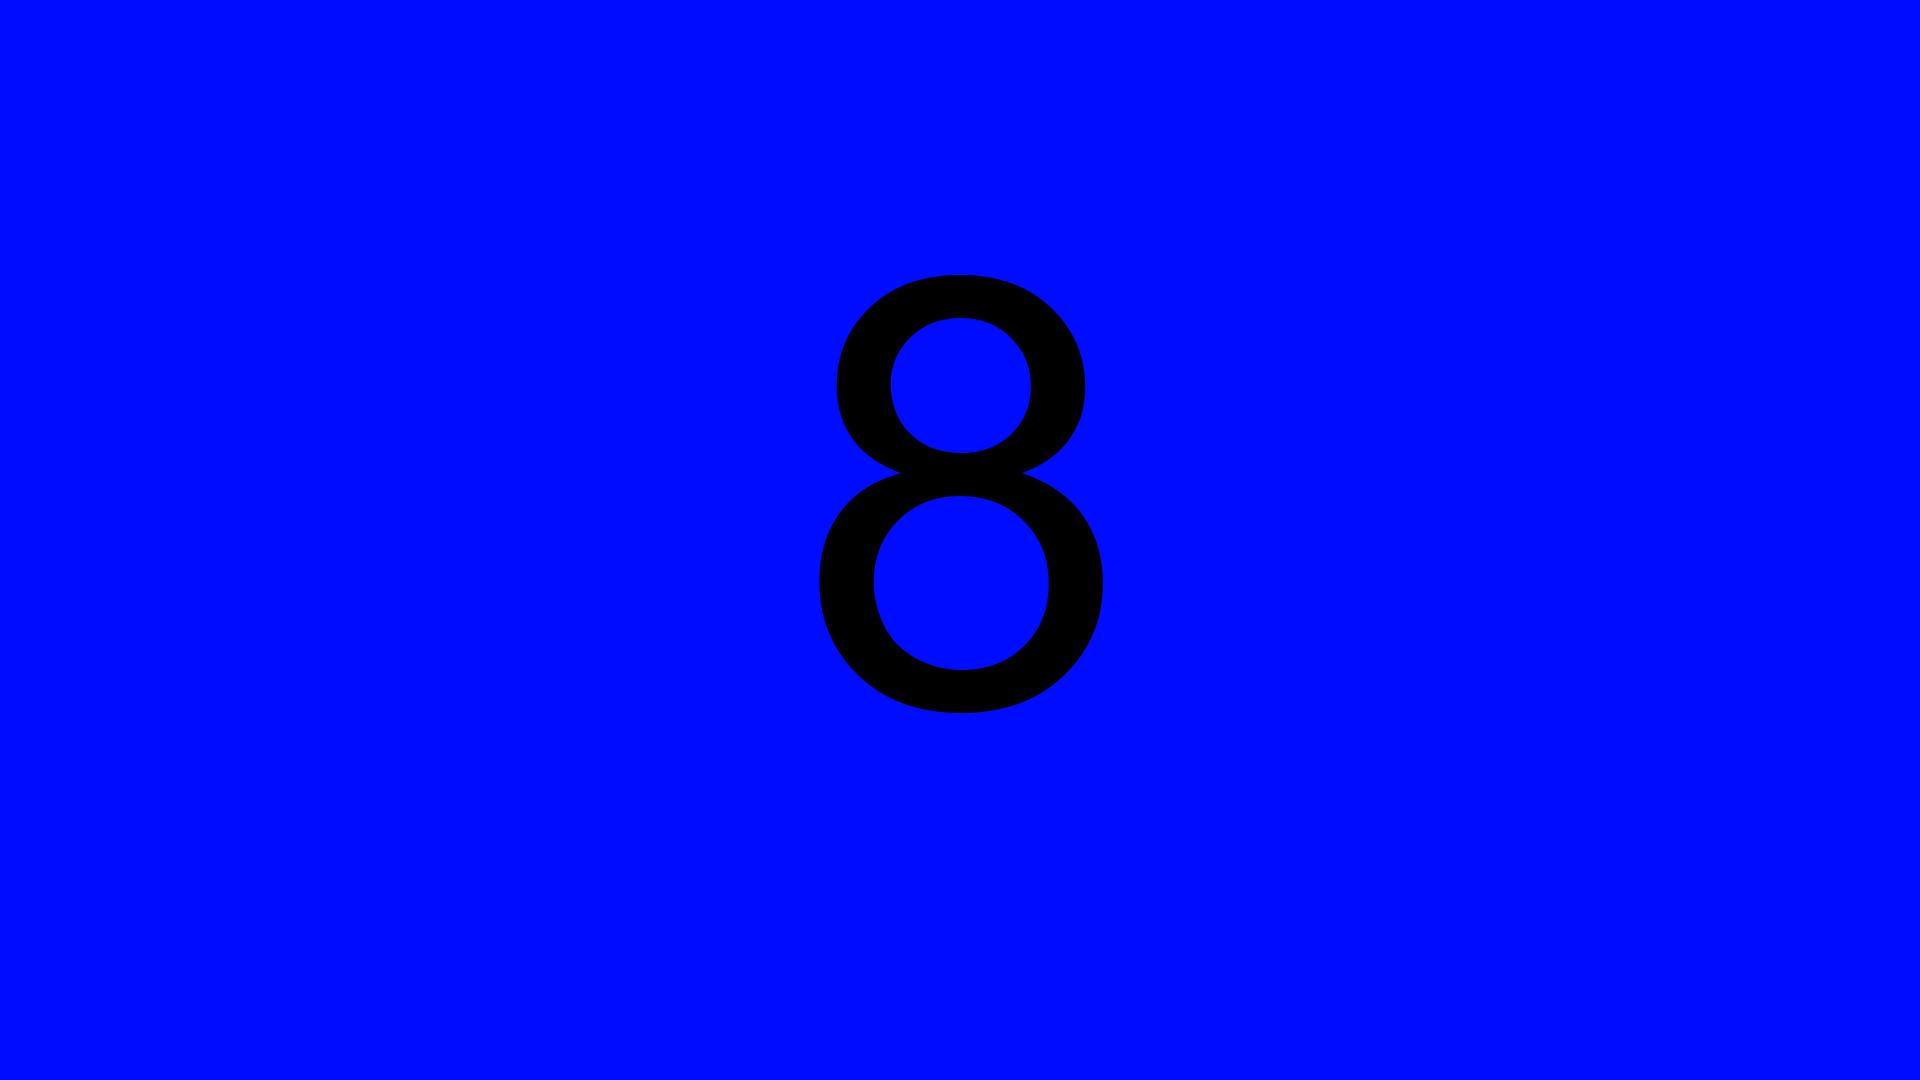 Blue_08